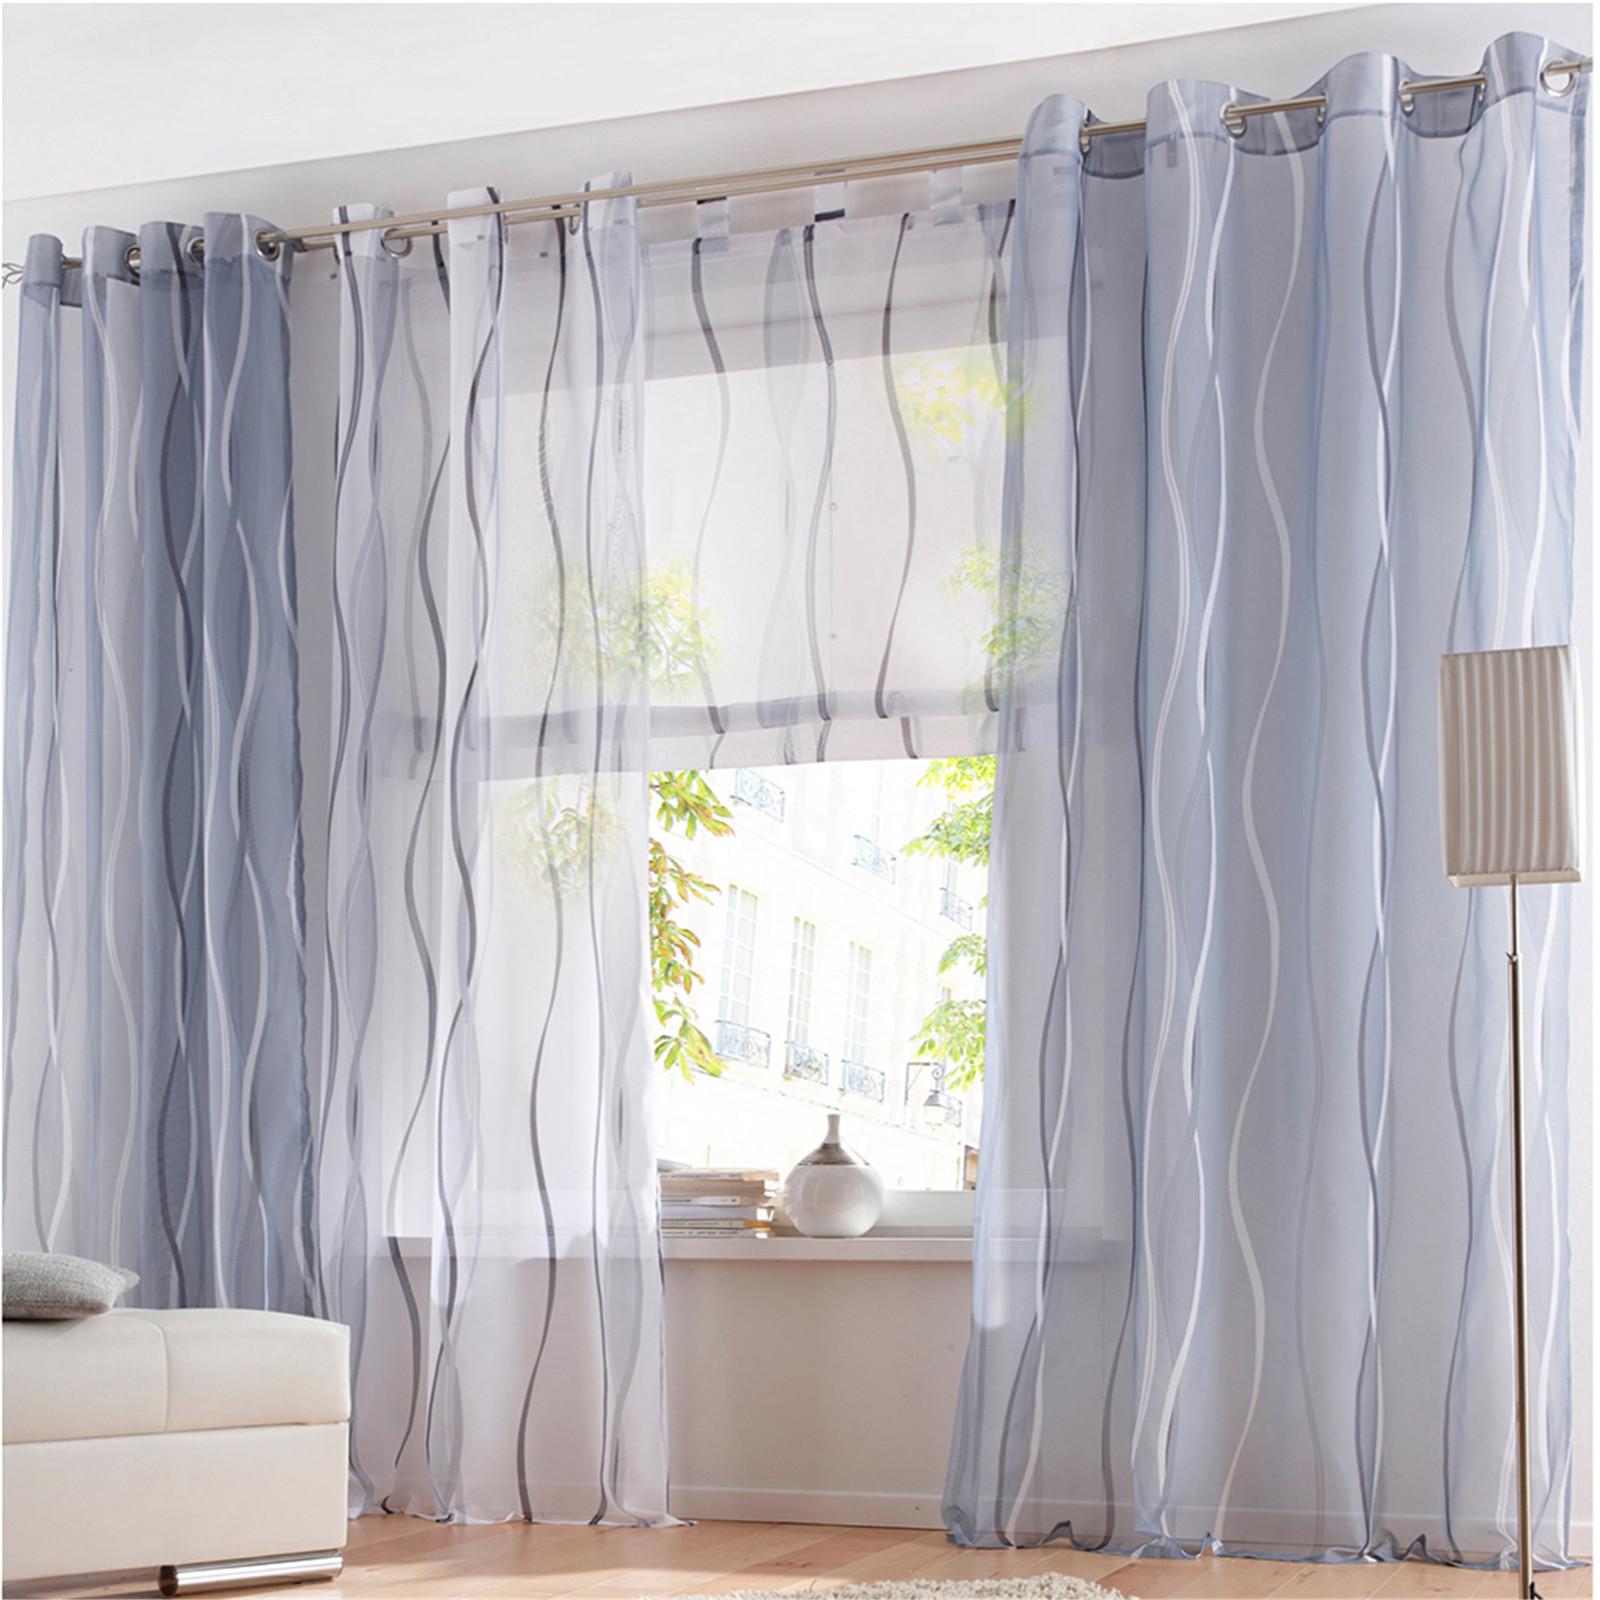 Gardinen vorh nge deko gardinen stores fenstergardine schals wohnzimmer modern ebay - Ebay gardinen wohnzimmer ...